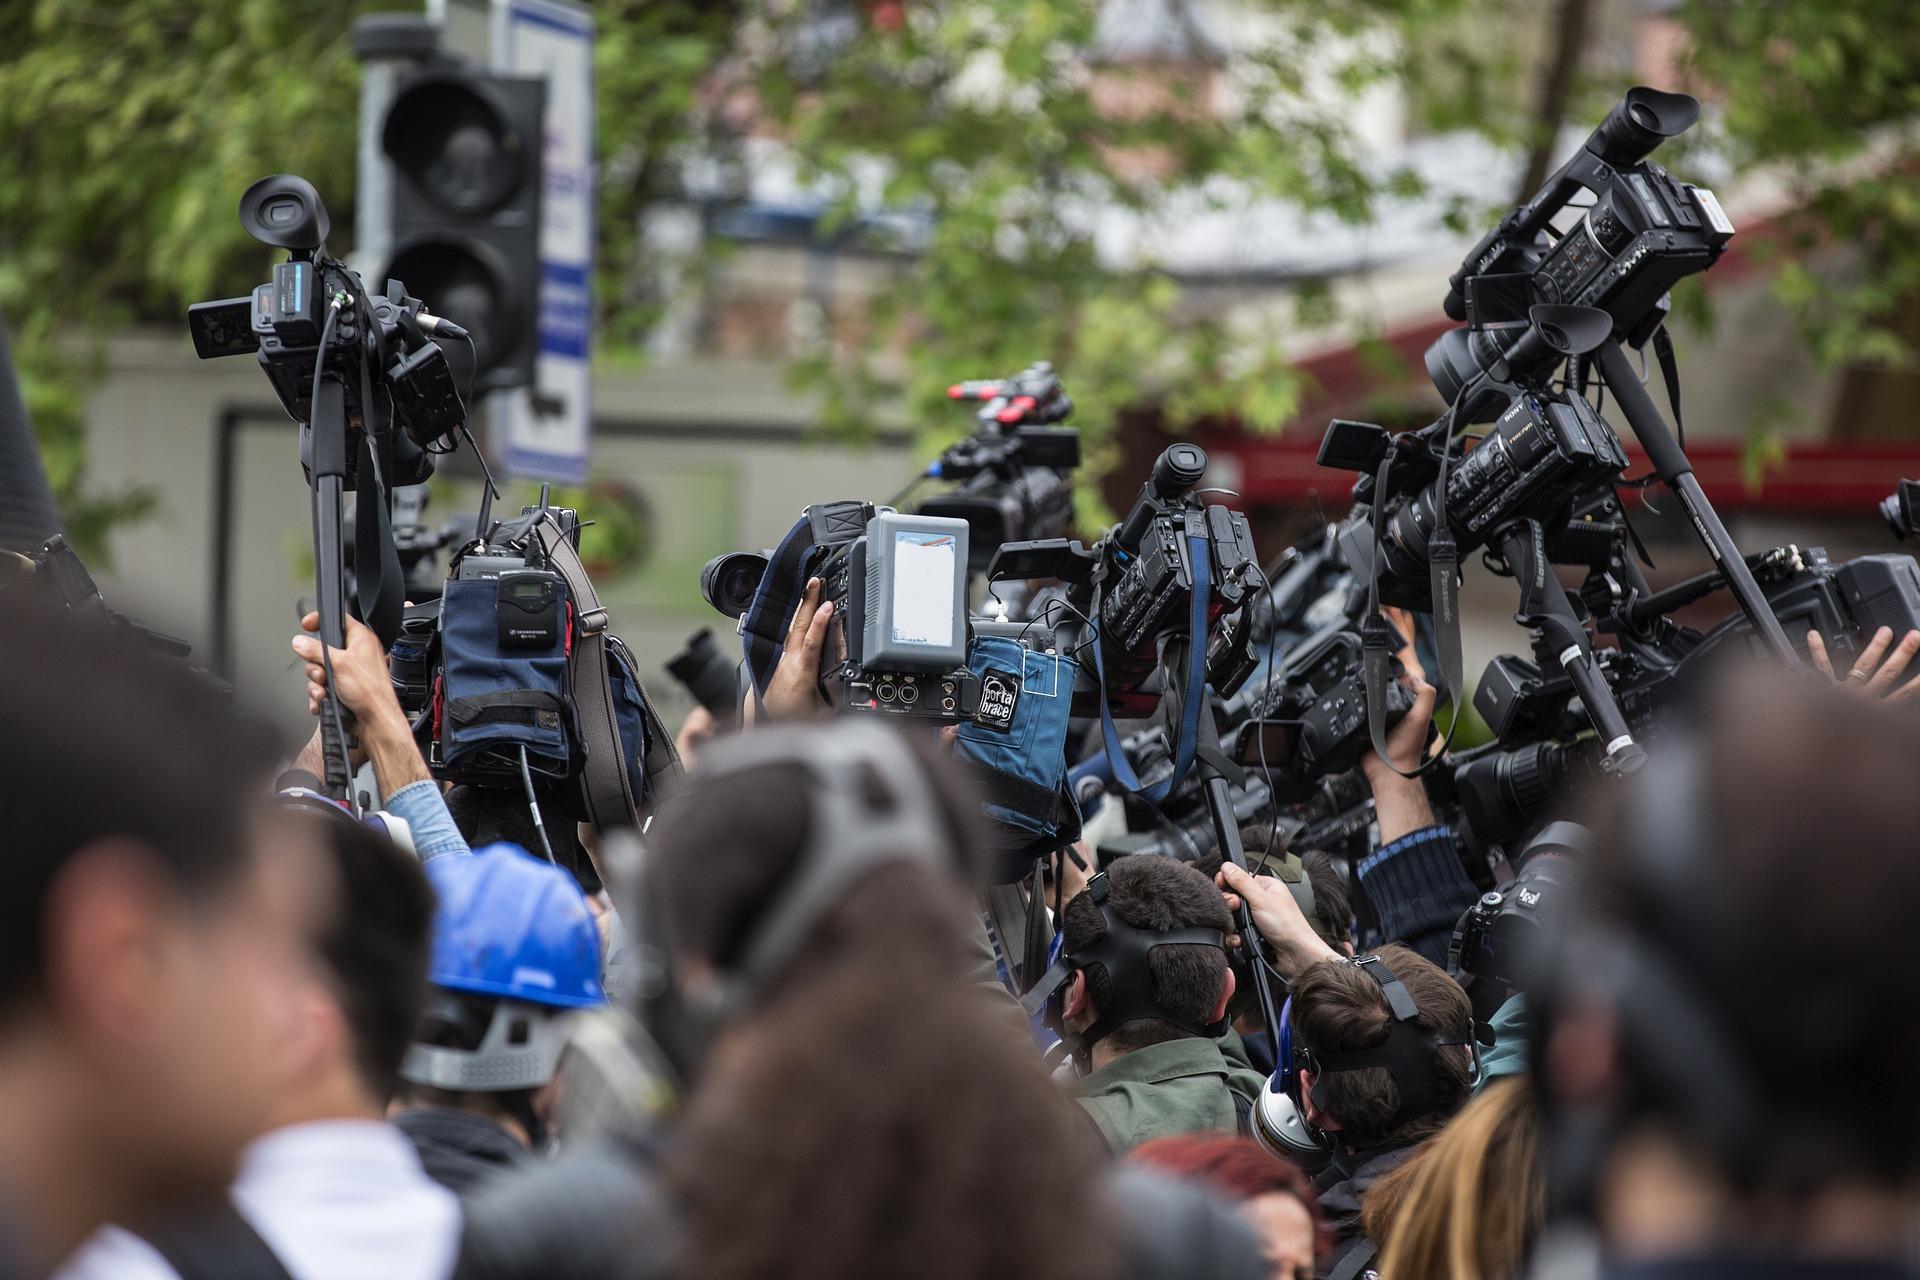 Les journalistes sont-ils voués à être remplacés par des robots ? - VICE